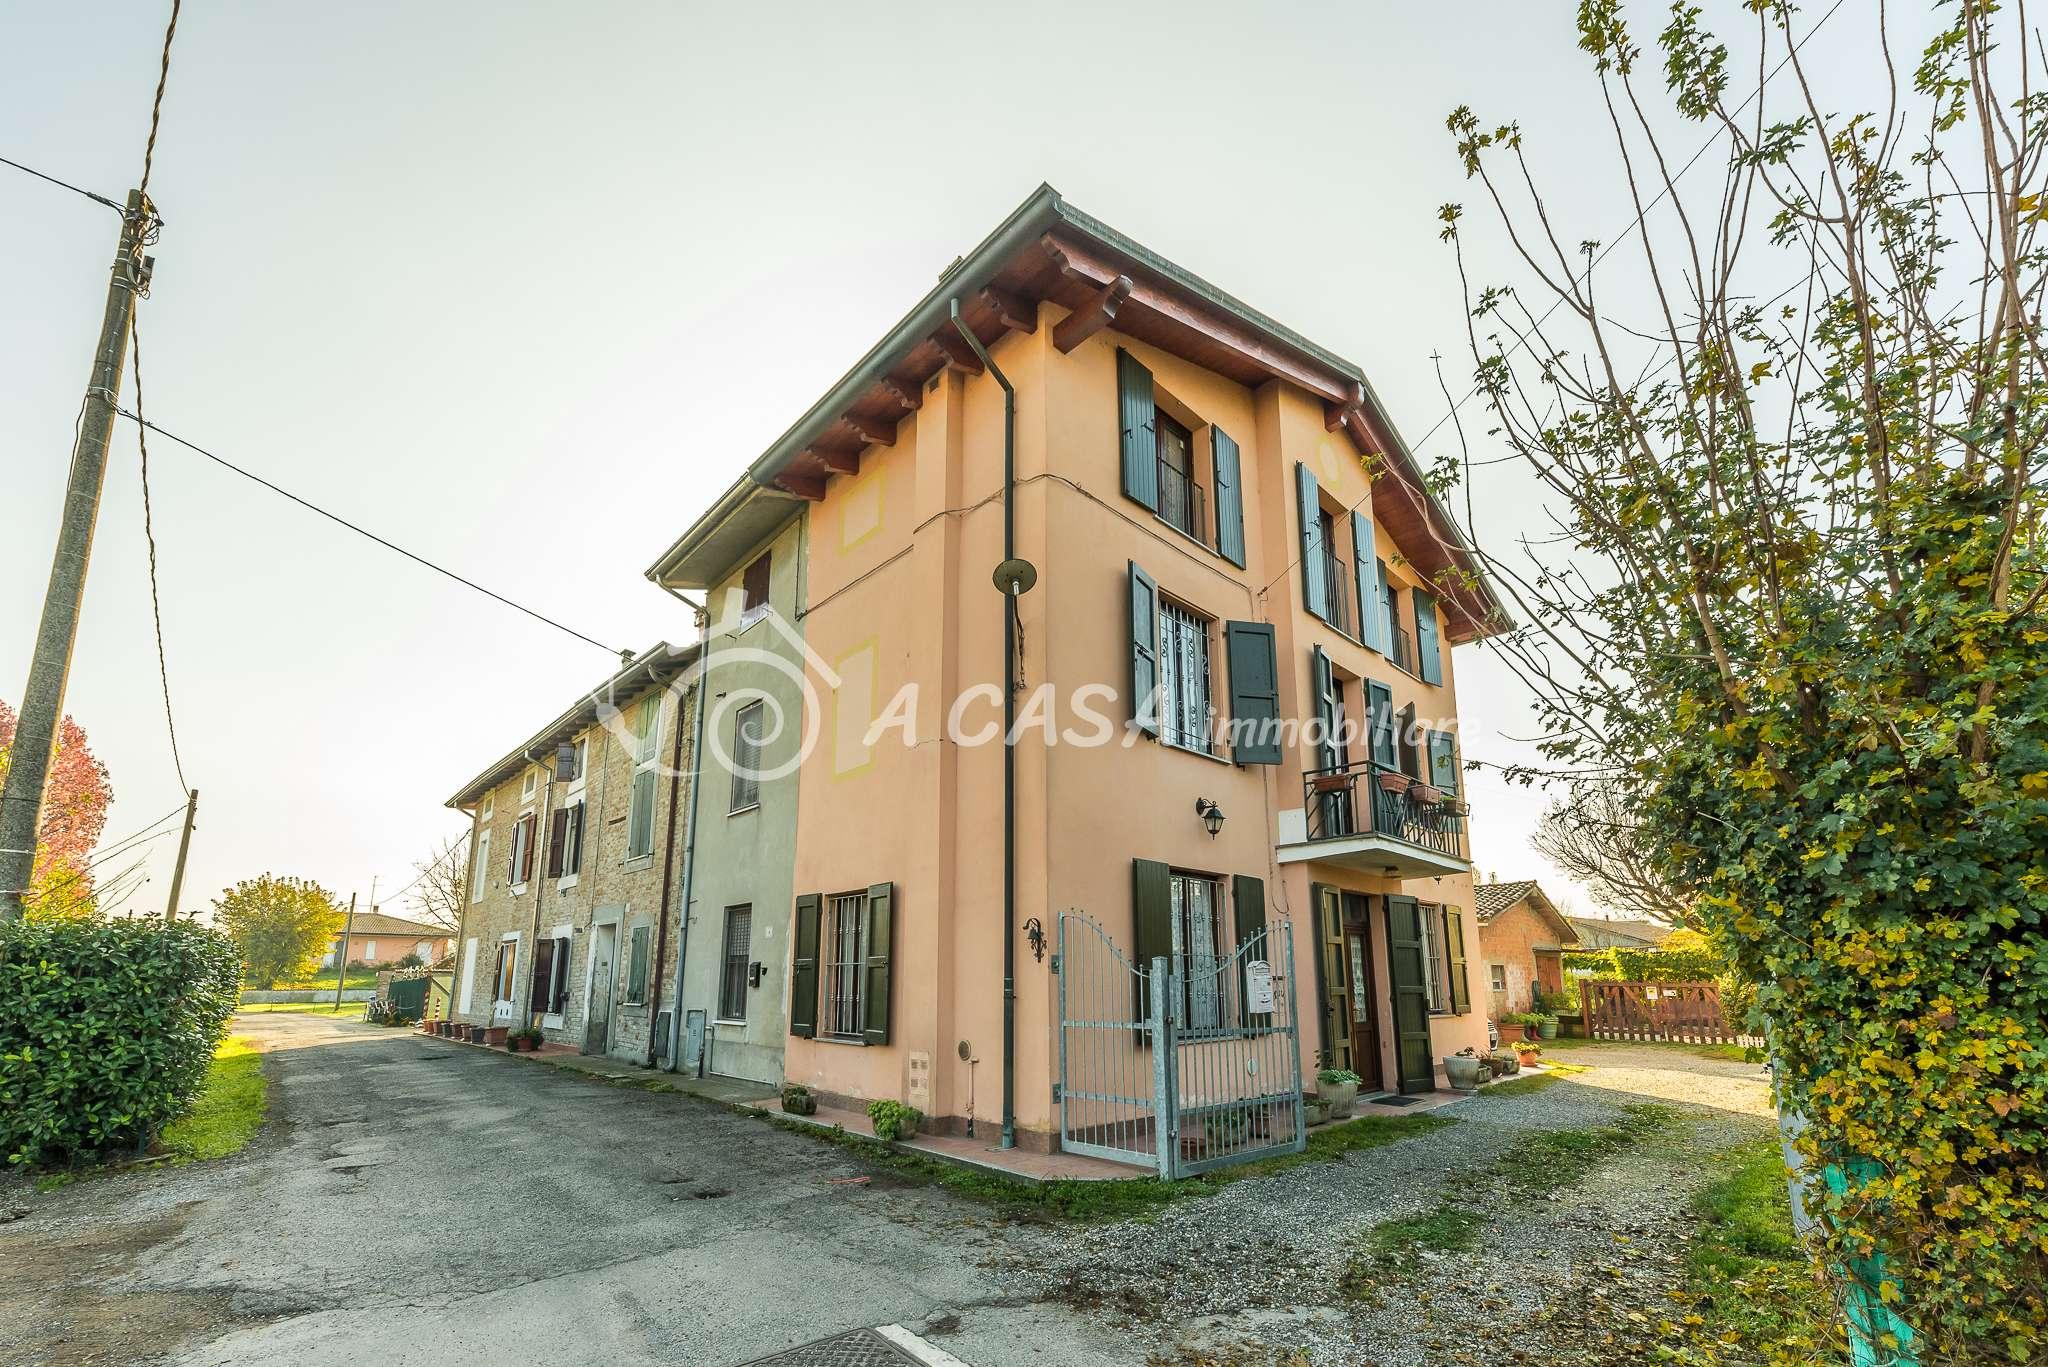 Palazzo / Stabile in vendita a Sissa-Trecasali, 4 locali, prezzo € 125.000 | CambioCasa.it